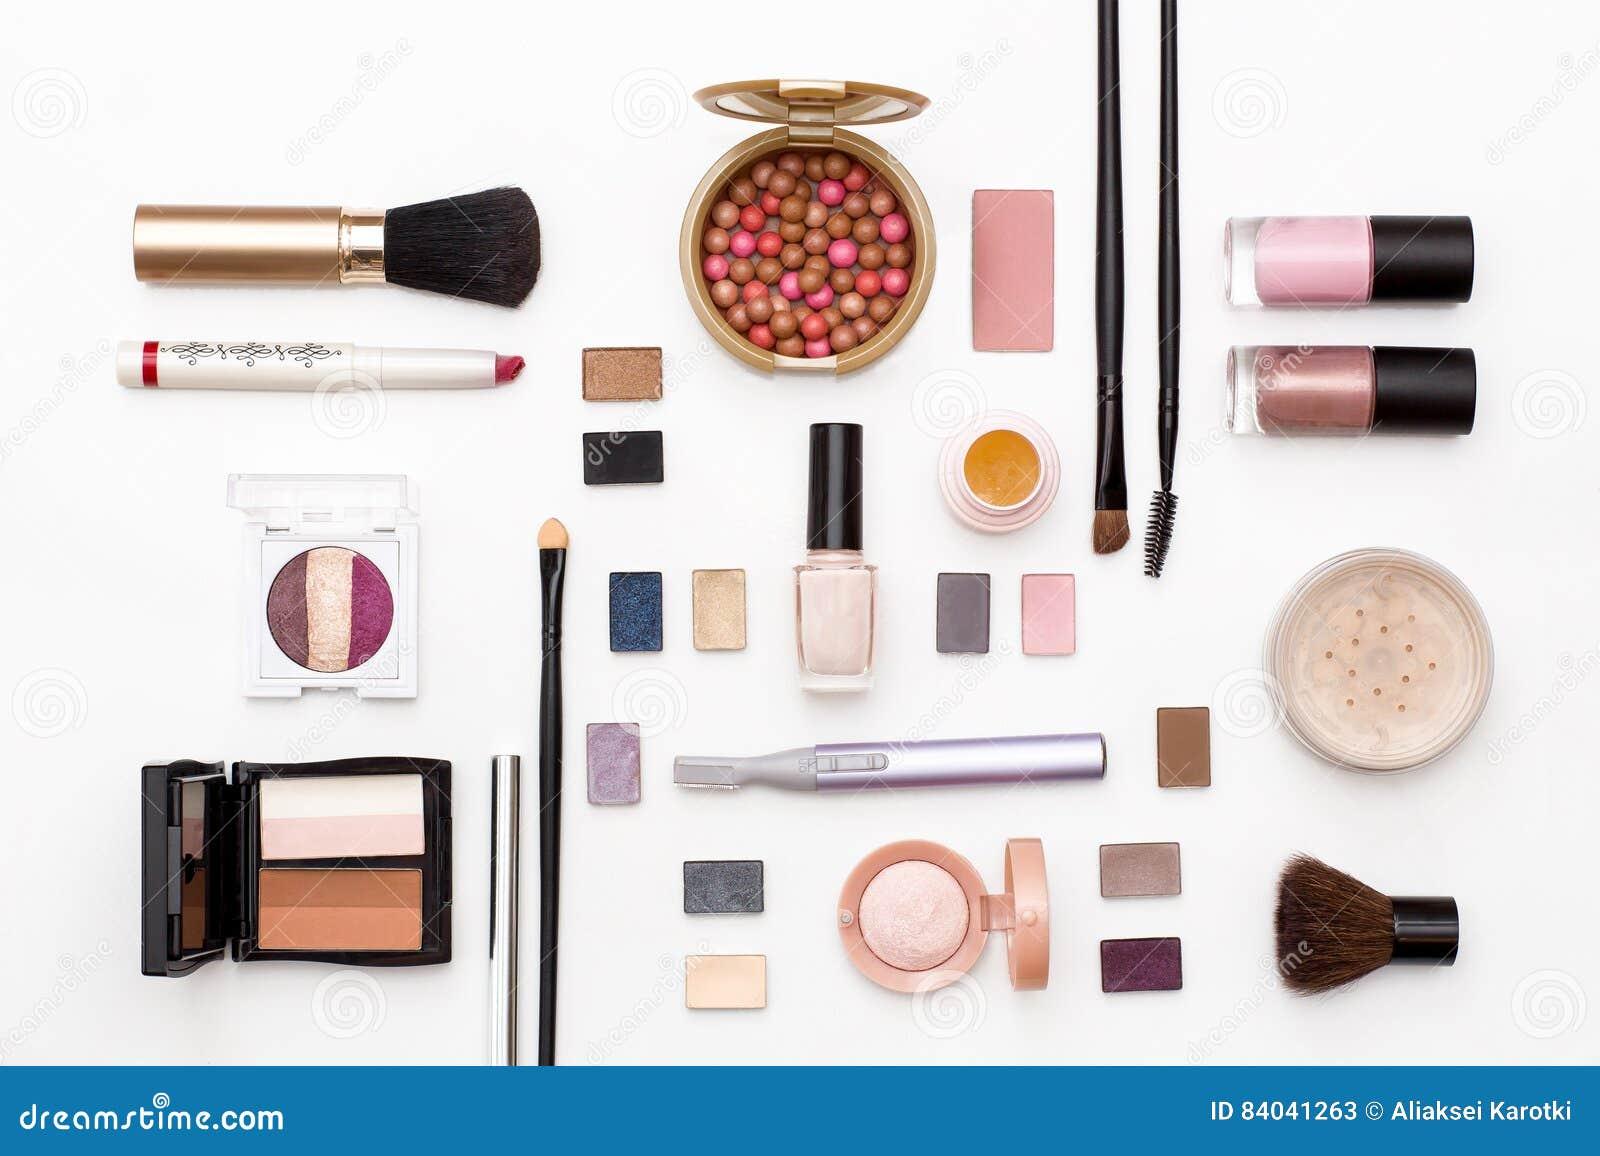 Kosmetik für Gesichtsmake-up: Bürsten, Pulver, Lippenstift, Lidschatten, Nagellack, Trimmer und anderes Zubehör auf weißem Hinter